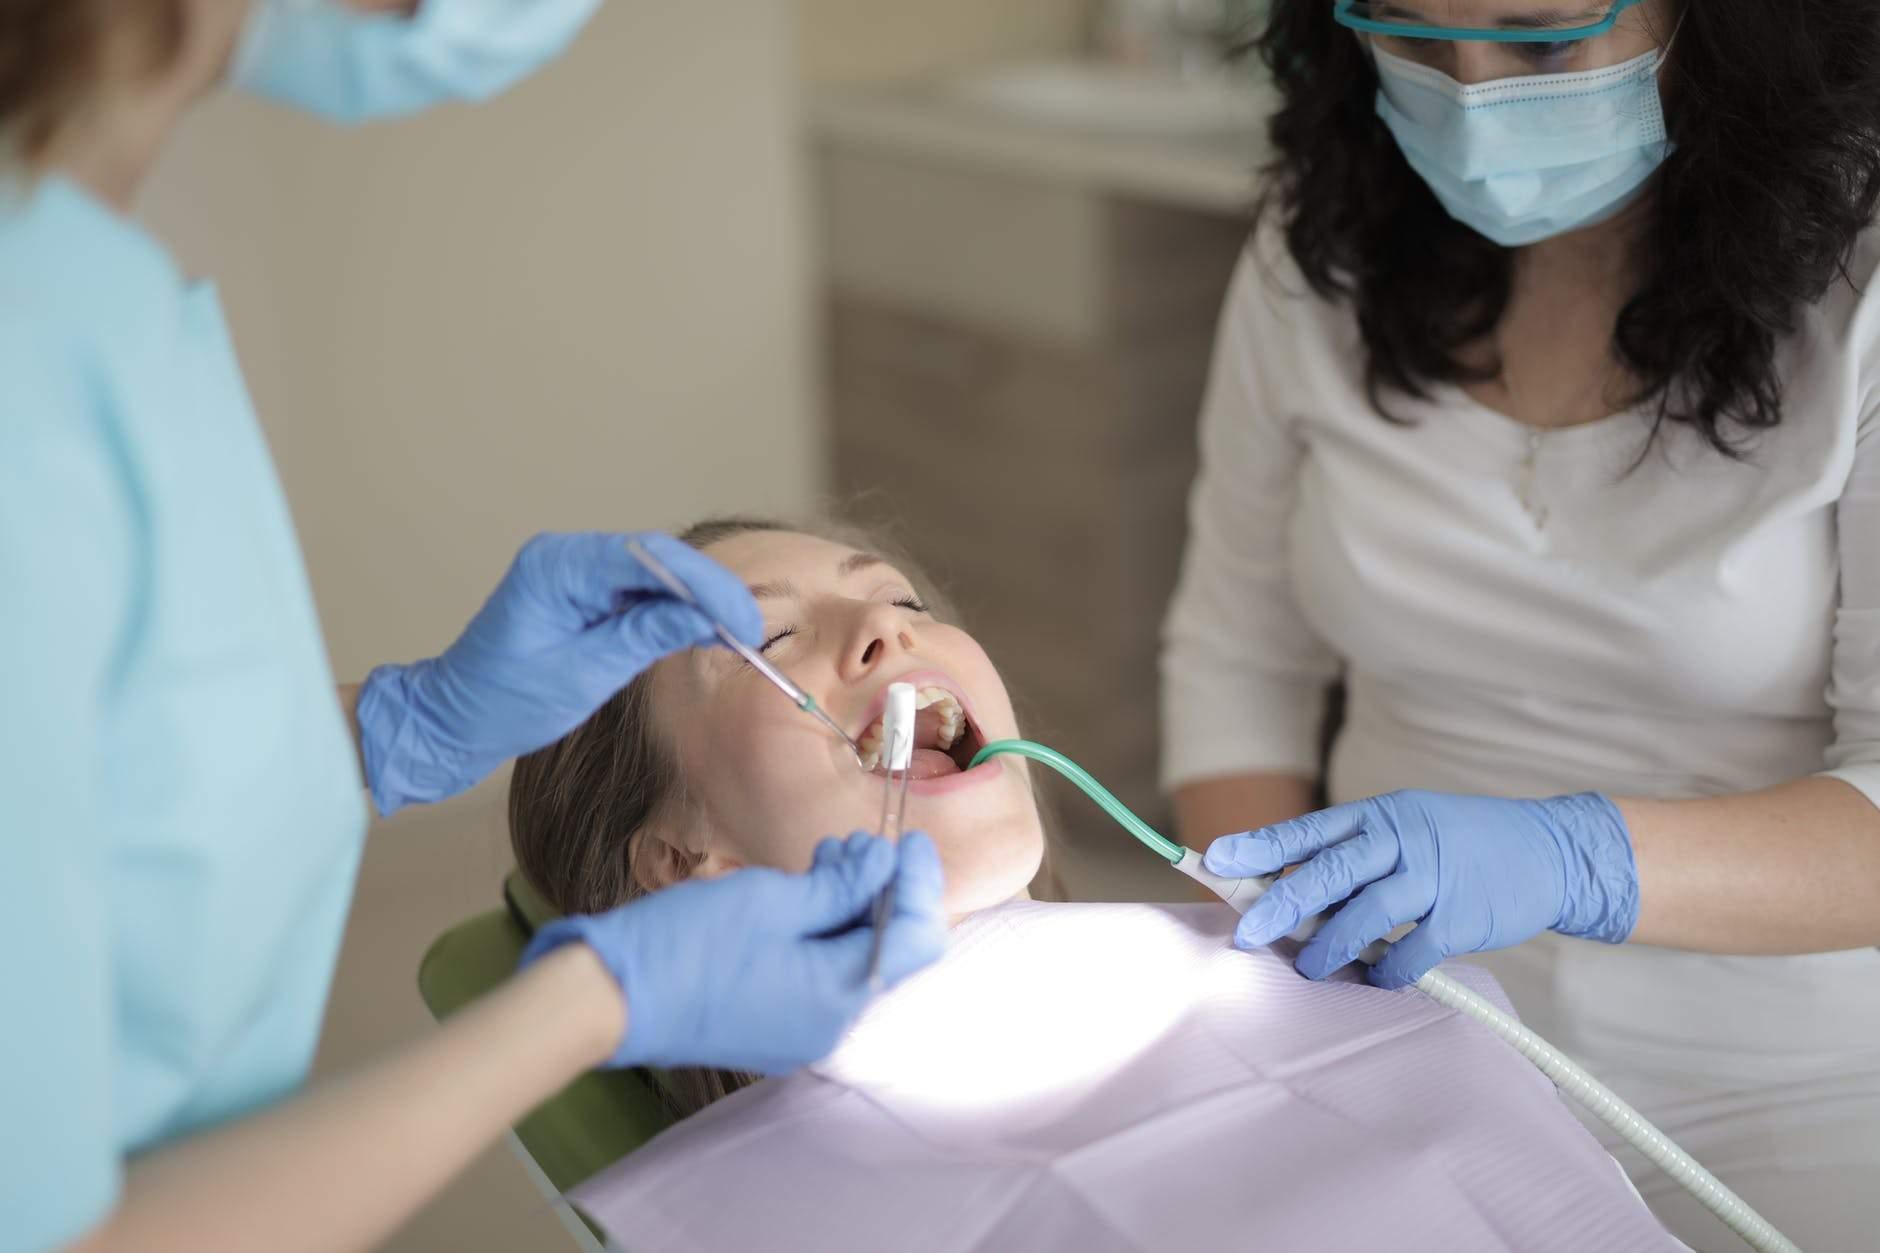 Що відбувається з зубами в період формування карієсу